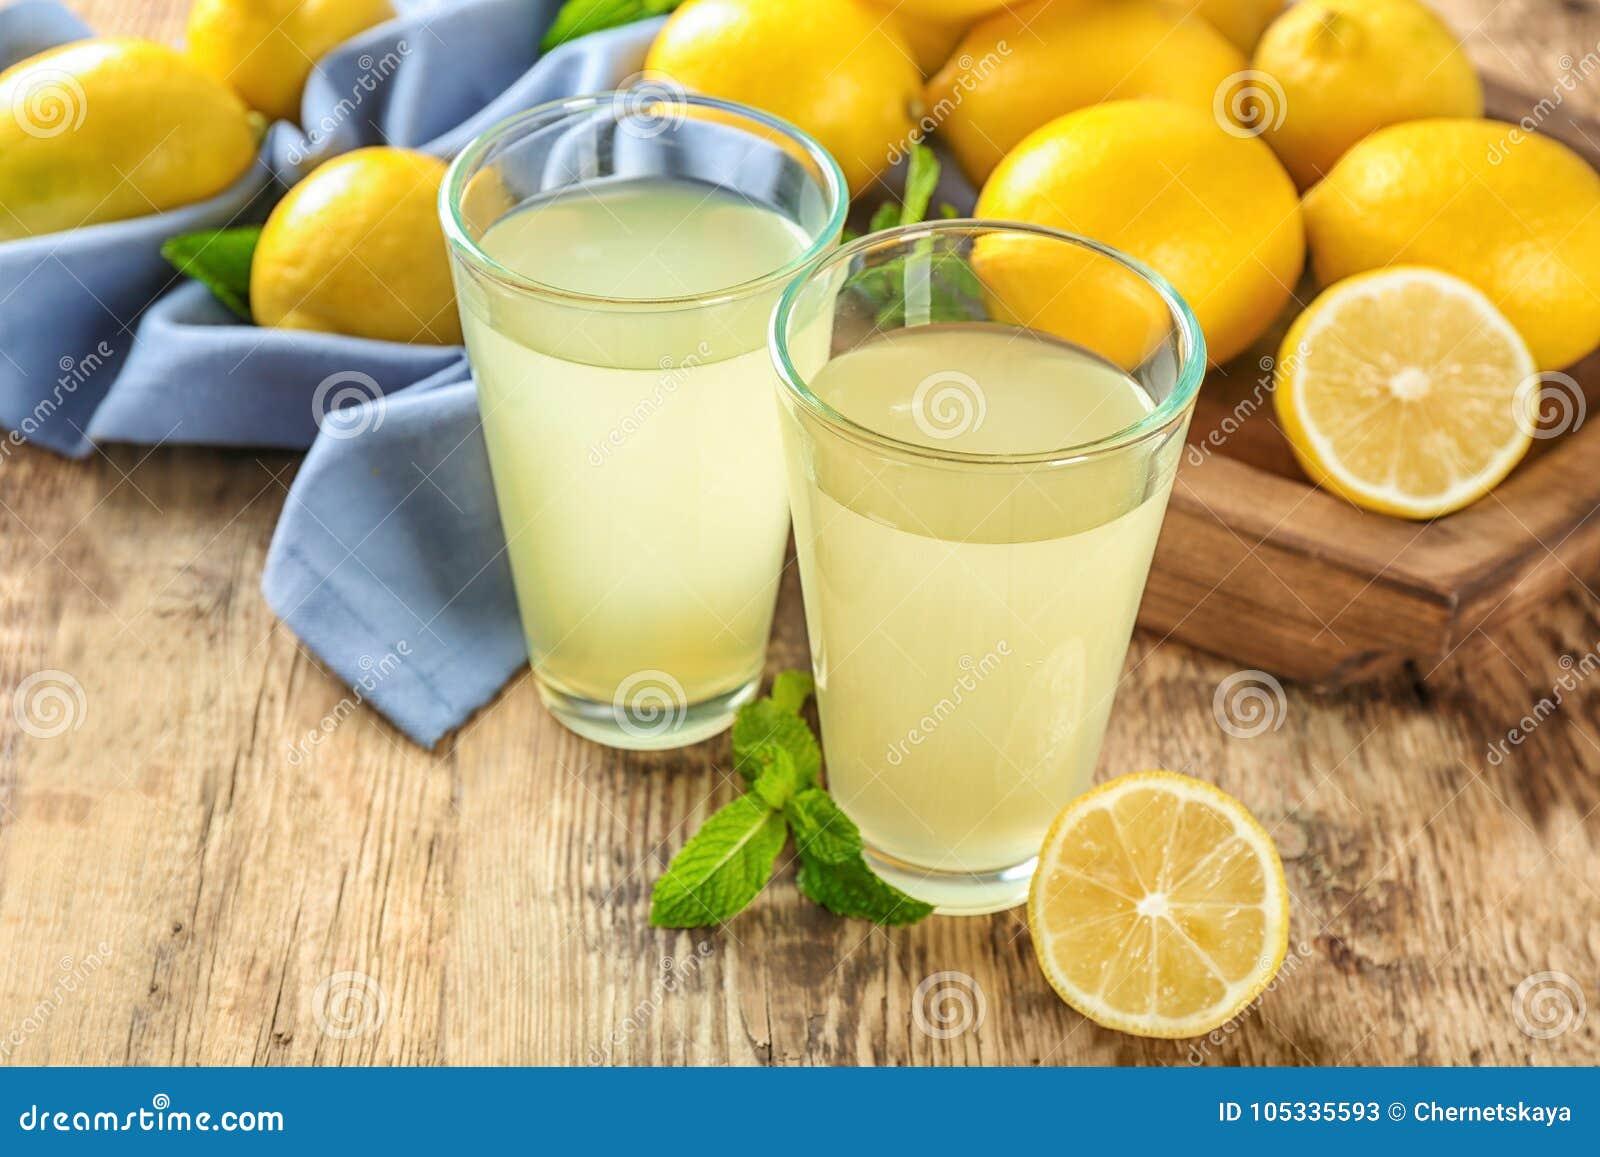 Стекла лимонного сока и свежих лимонов